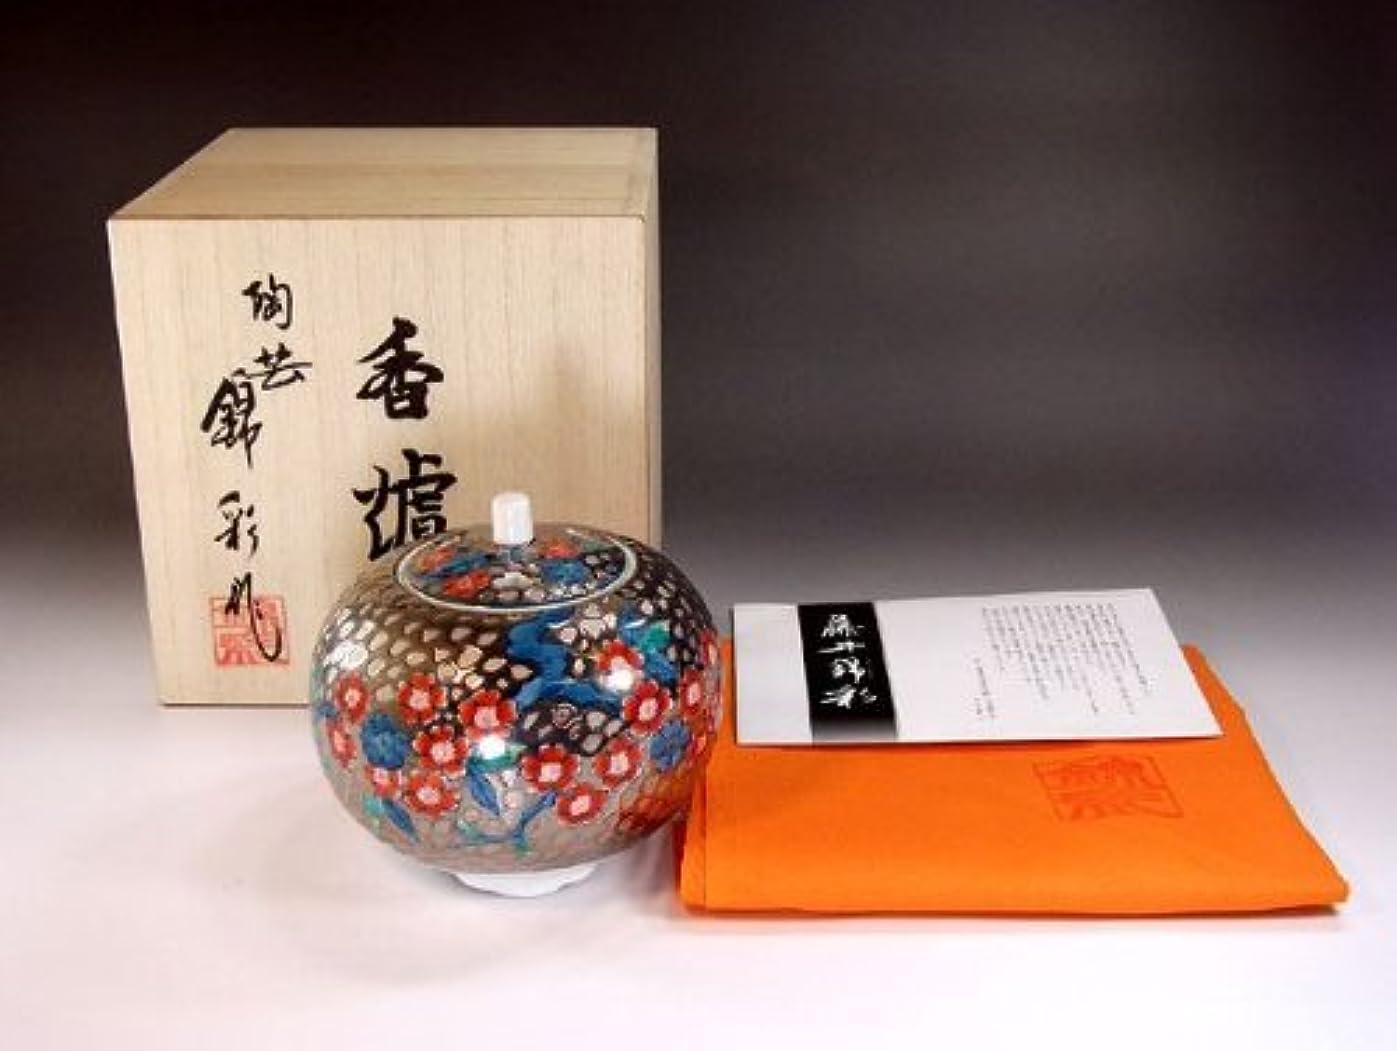 有田焼?伊万里焼の高級香炉陶器|贈答品|ギフト|記念品|贈り物|プラチナ桜?陶芸家 藤井錦彩